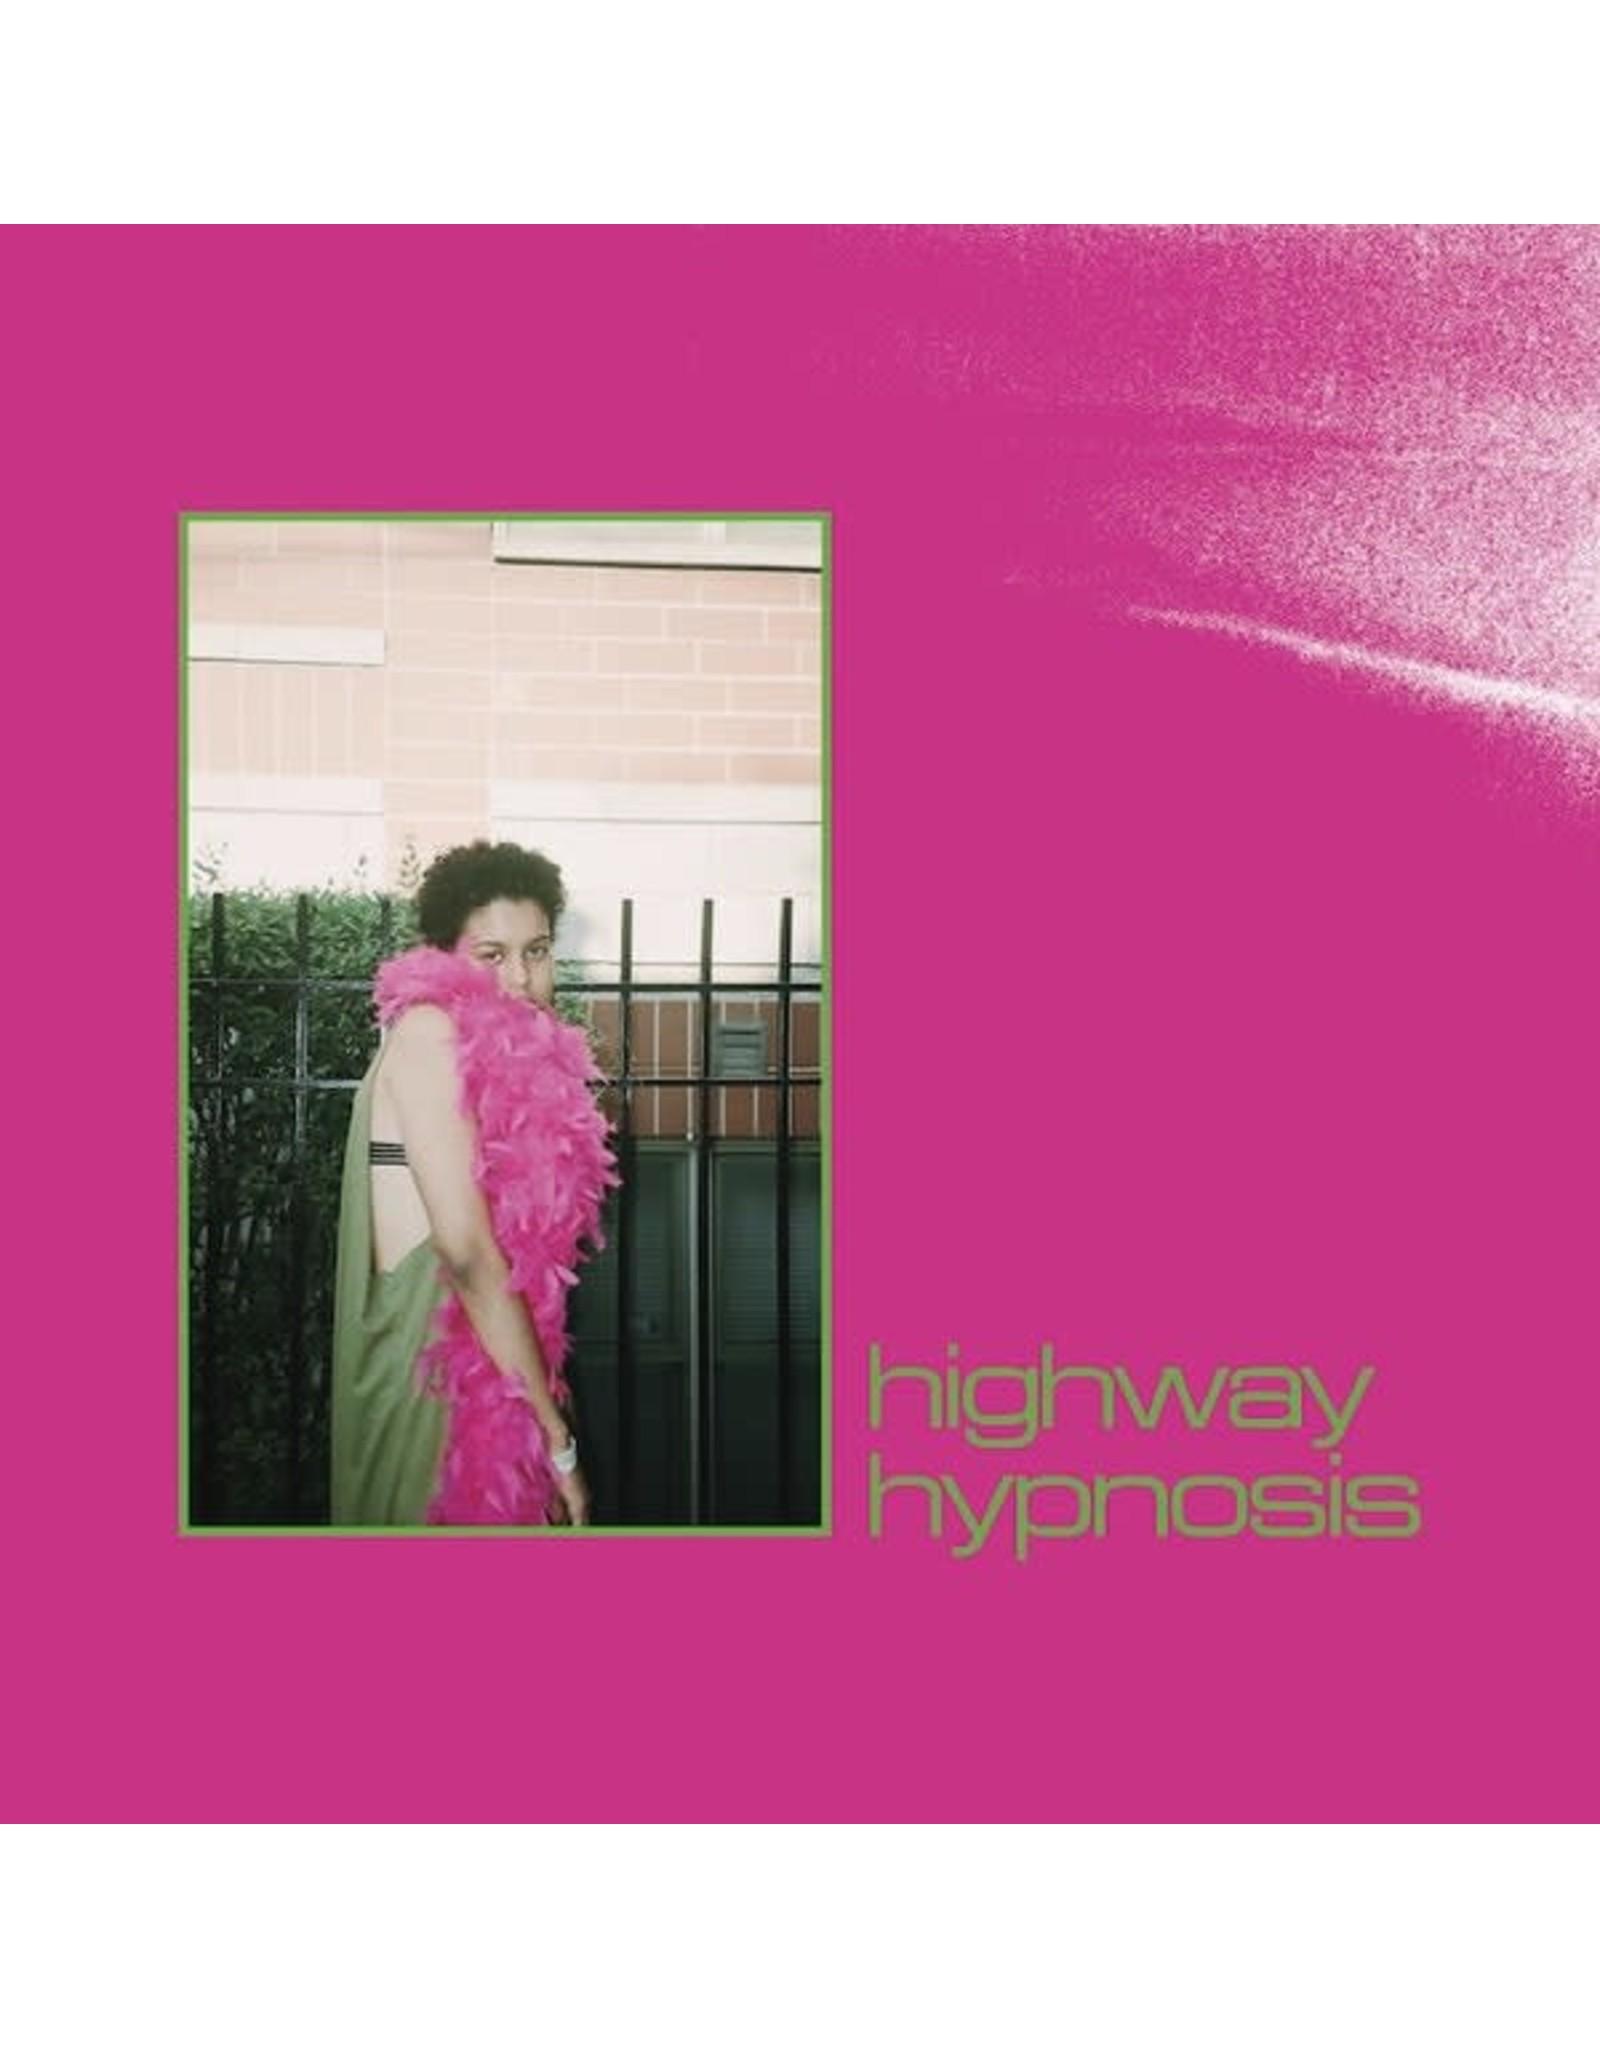 Sneaks - Highway Hypnosis CD